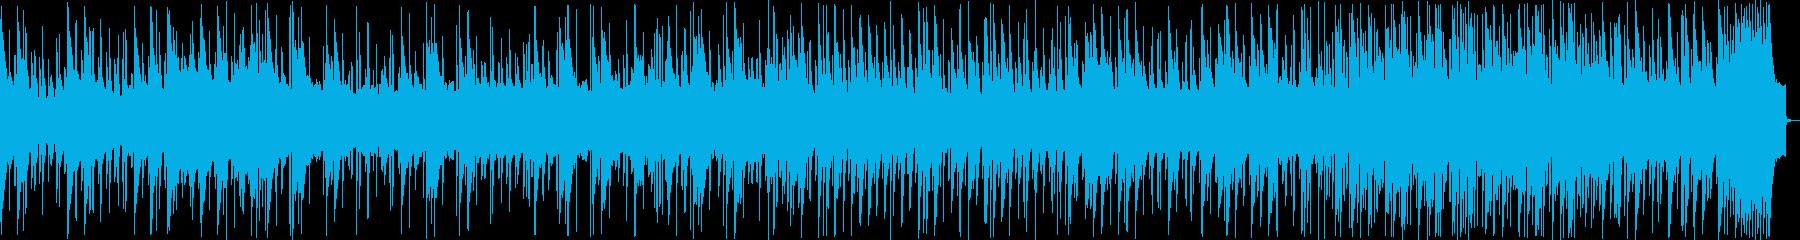 8bit ポップな宇宙空間 1コーラス版の再生済みの波形